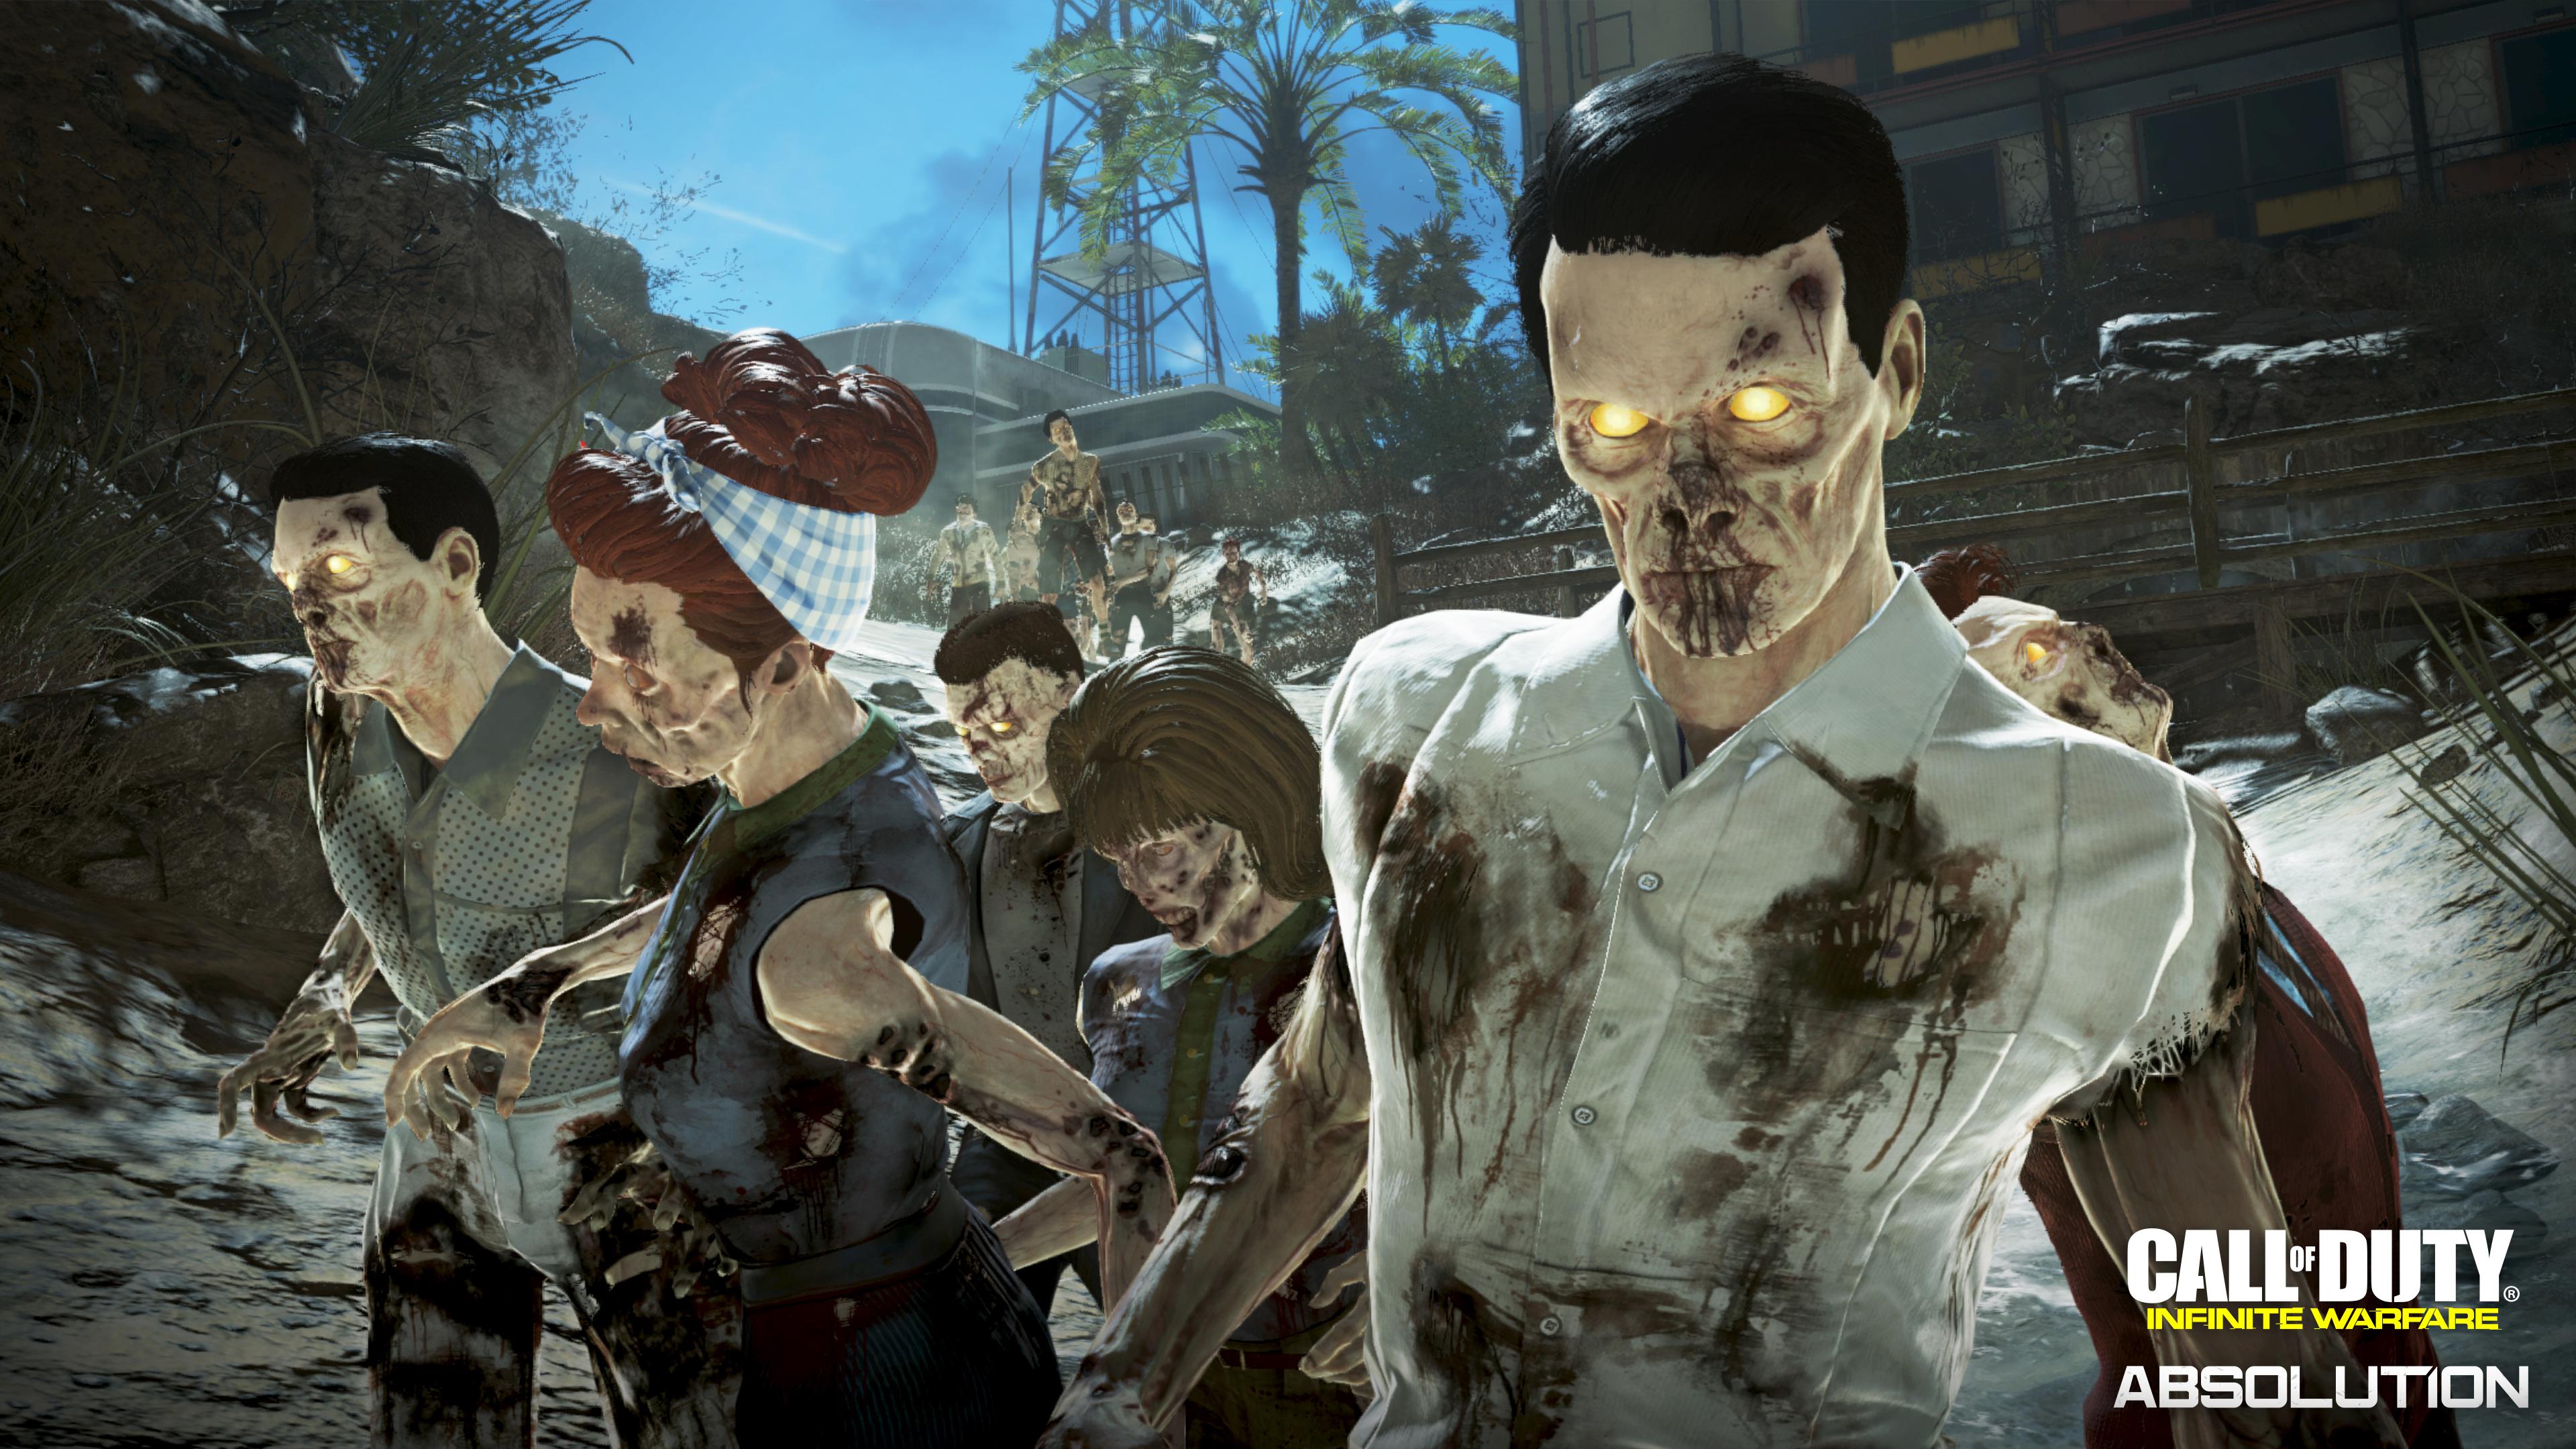 Příští týden vyjde Absolution DLC do Call of Duty: Infinite Warfare 146714